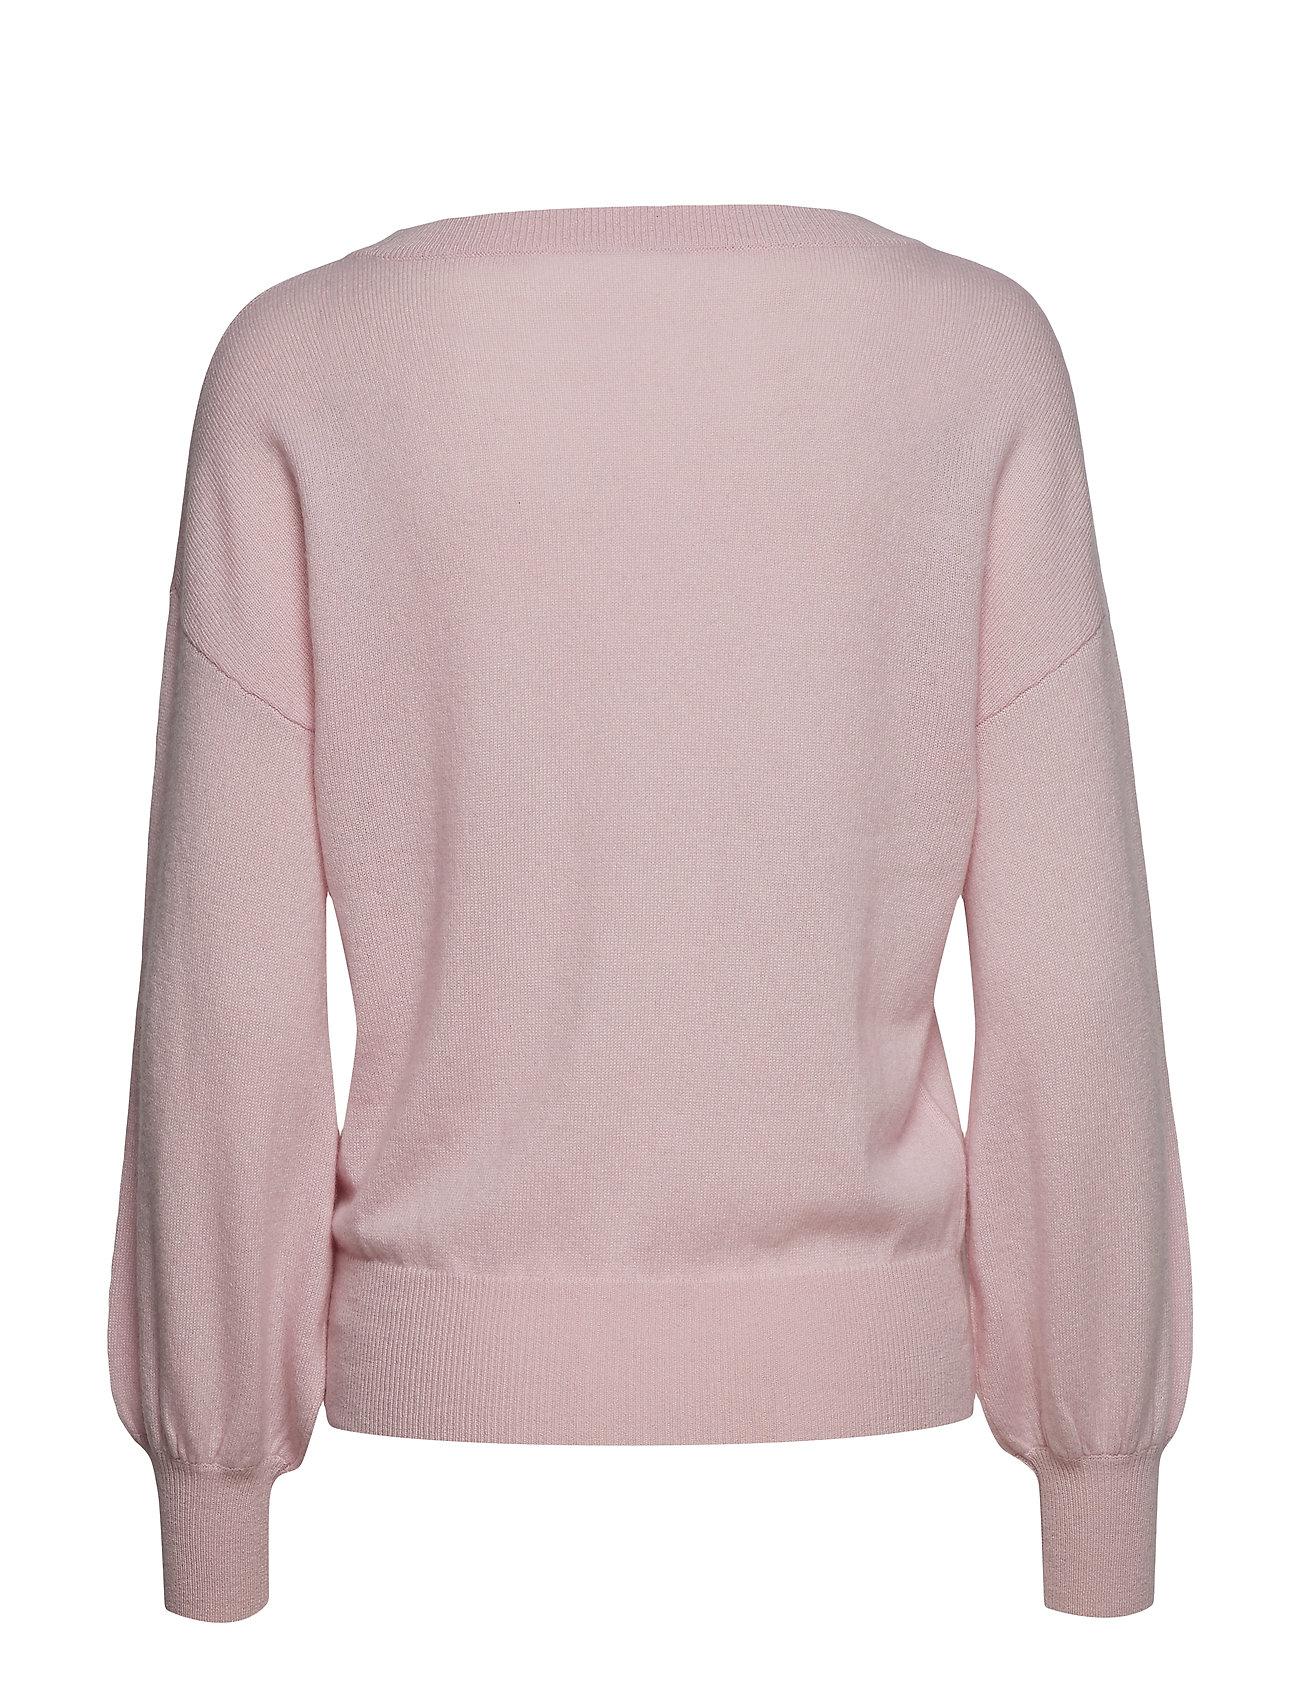 Sweaterlight Sweaterlight PinkDavida Balloon PinkDavida PinkDavida Balloon Balloon Cashmere Cashmere Sleeve Sleeve Sweaterlight Sleeve 4R35AjL